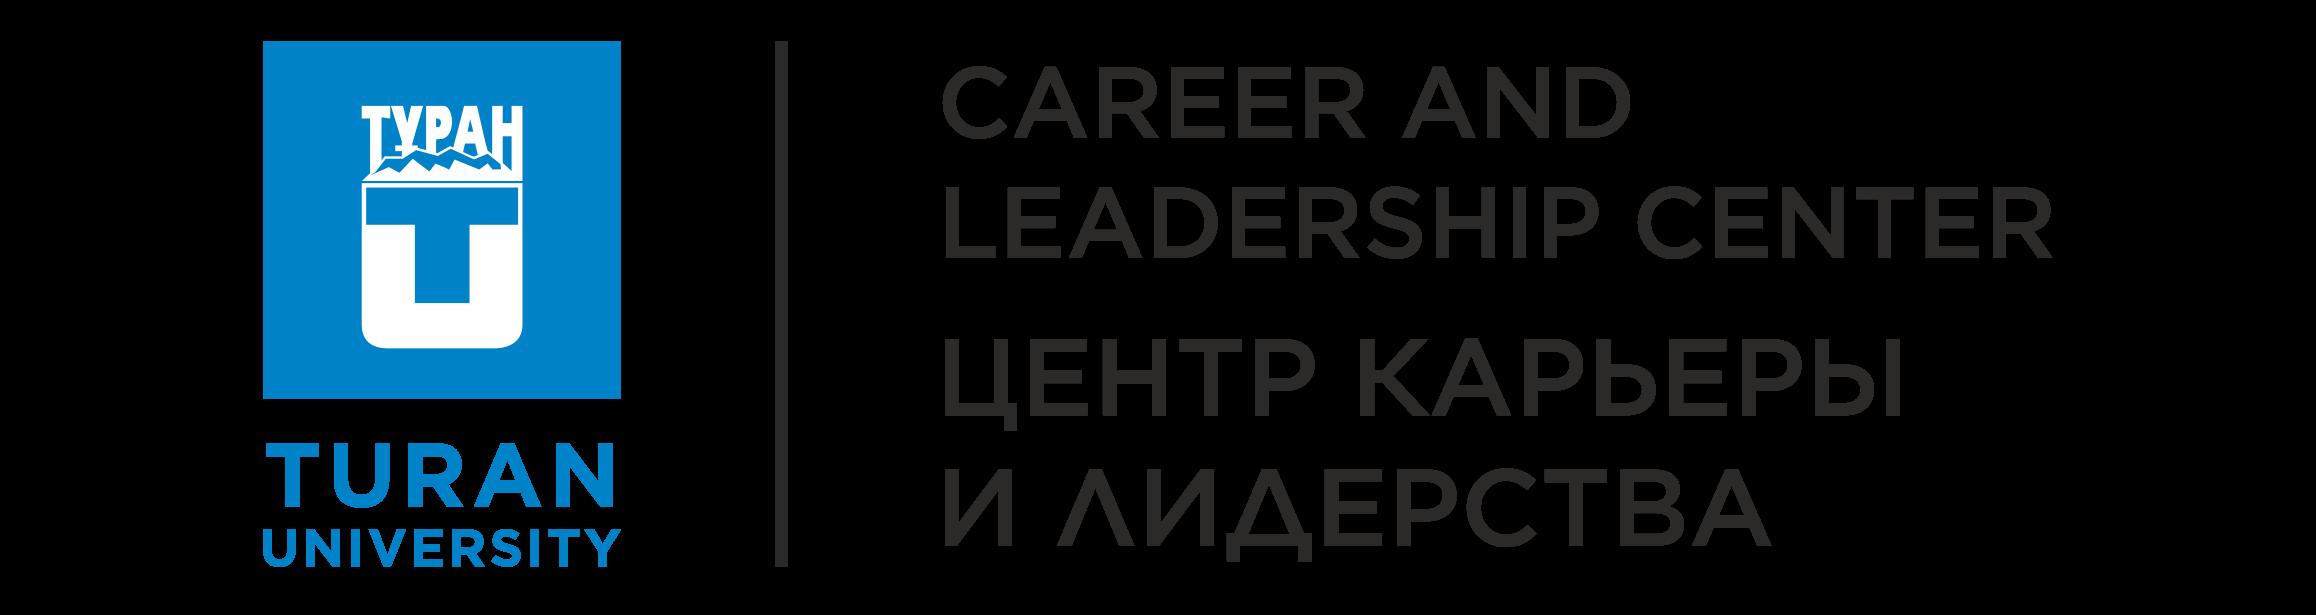 """Центр карьеры и лидерства университета """"Туран"""""""